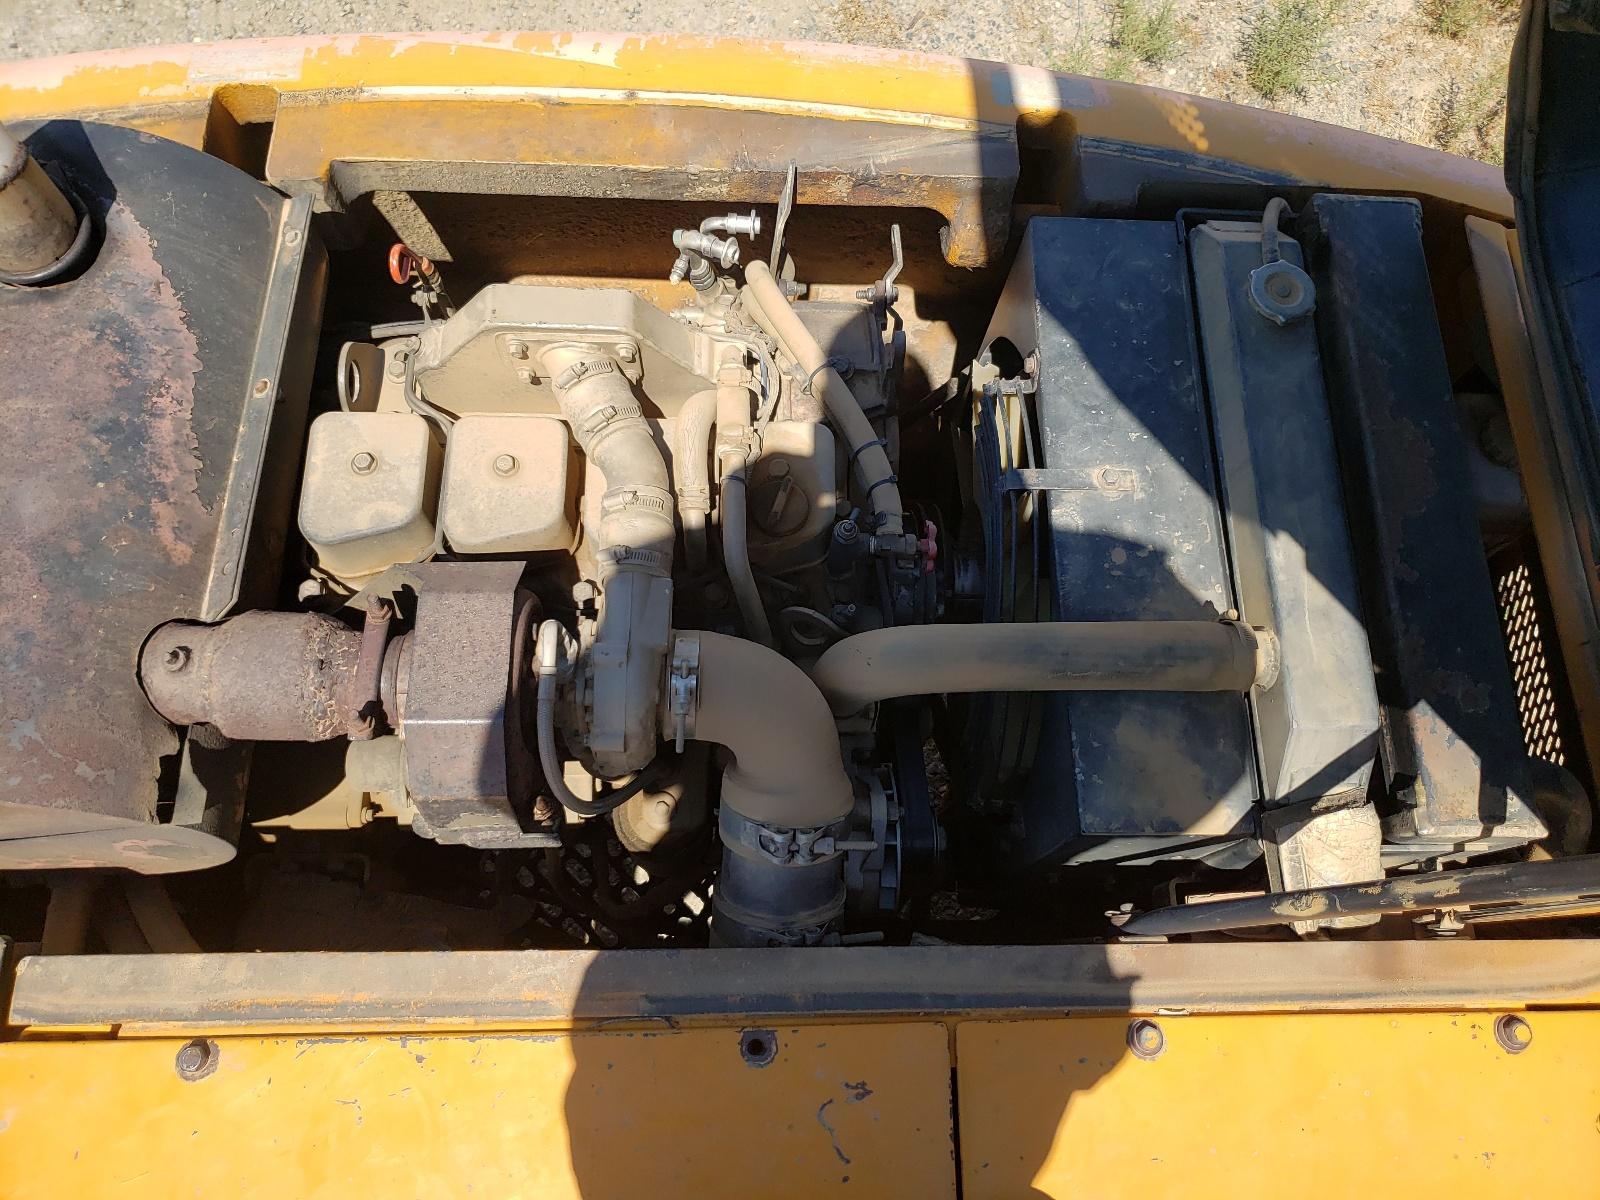 Hyundai Excavator 1999 VIN E603C010810